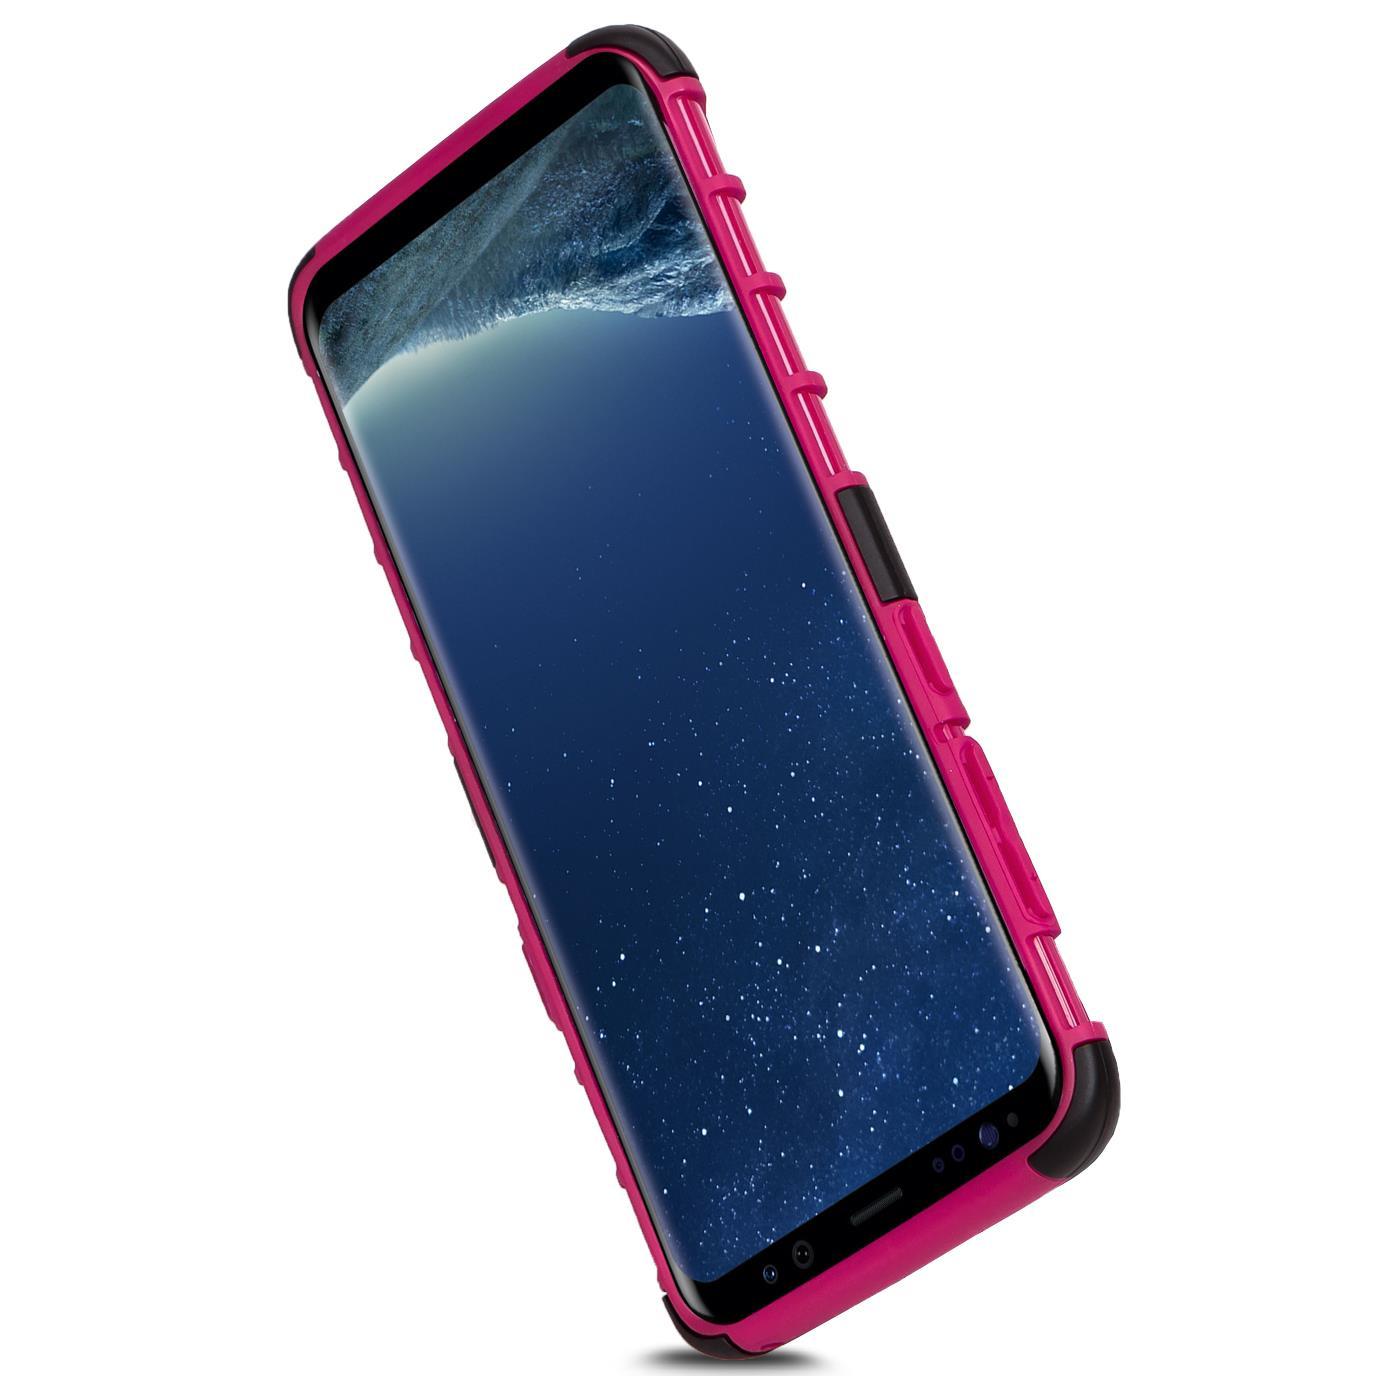 Samsung-Huelle-Hybrid-Panzer-Schutzhuelle-Handy-Schutz-Case-Ruestung-Cover-Tasche Indexbild 15